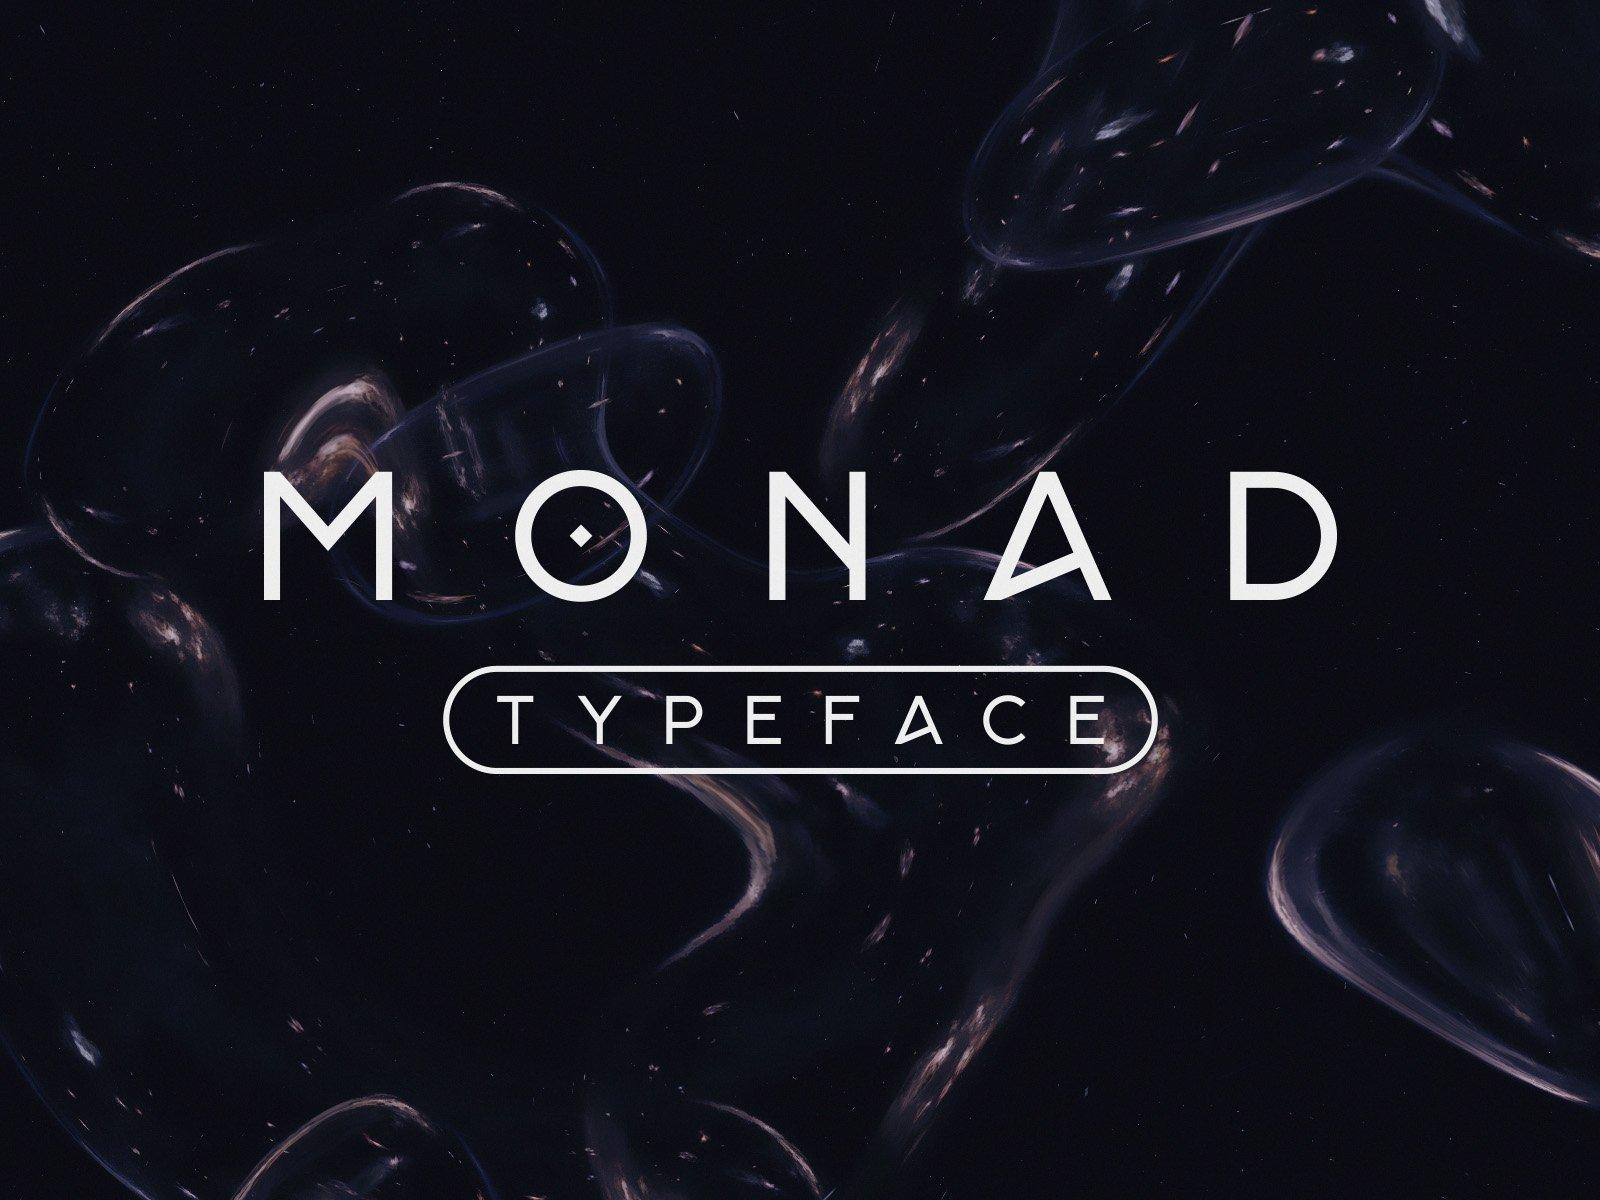 Monad Typeface Free